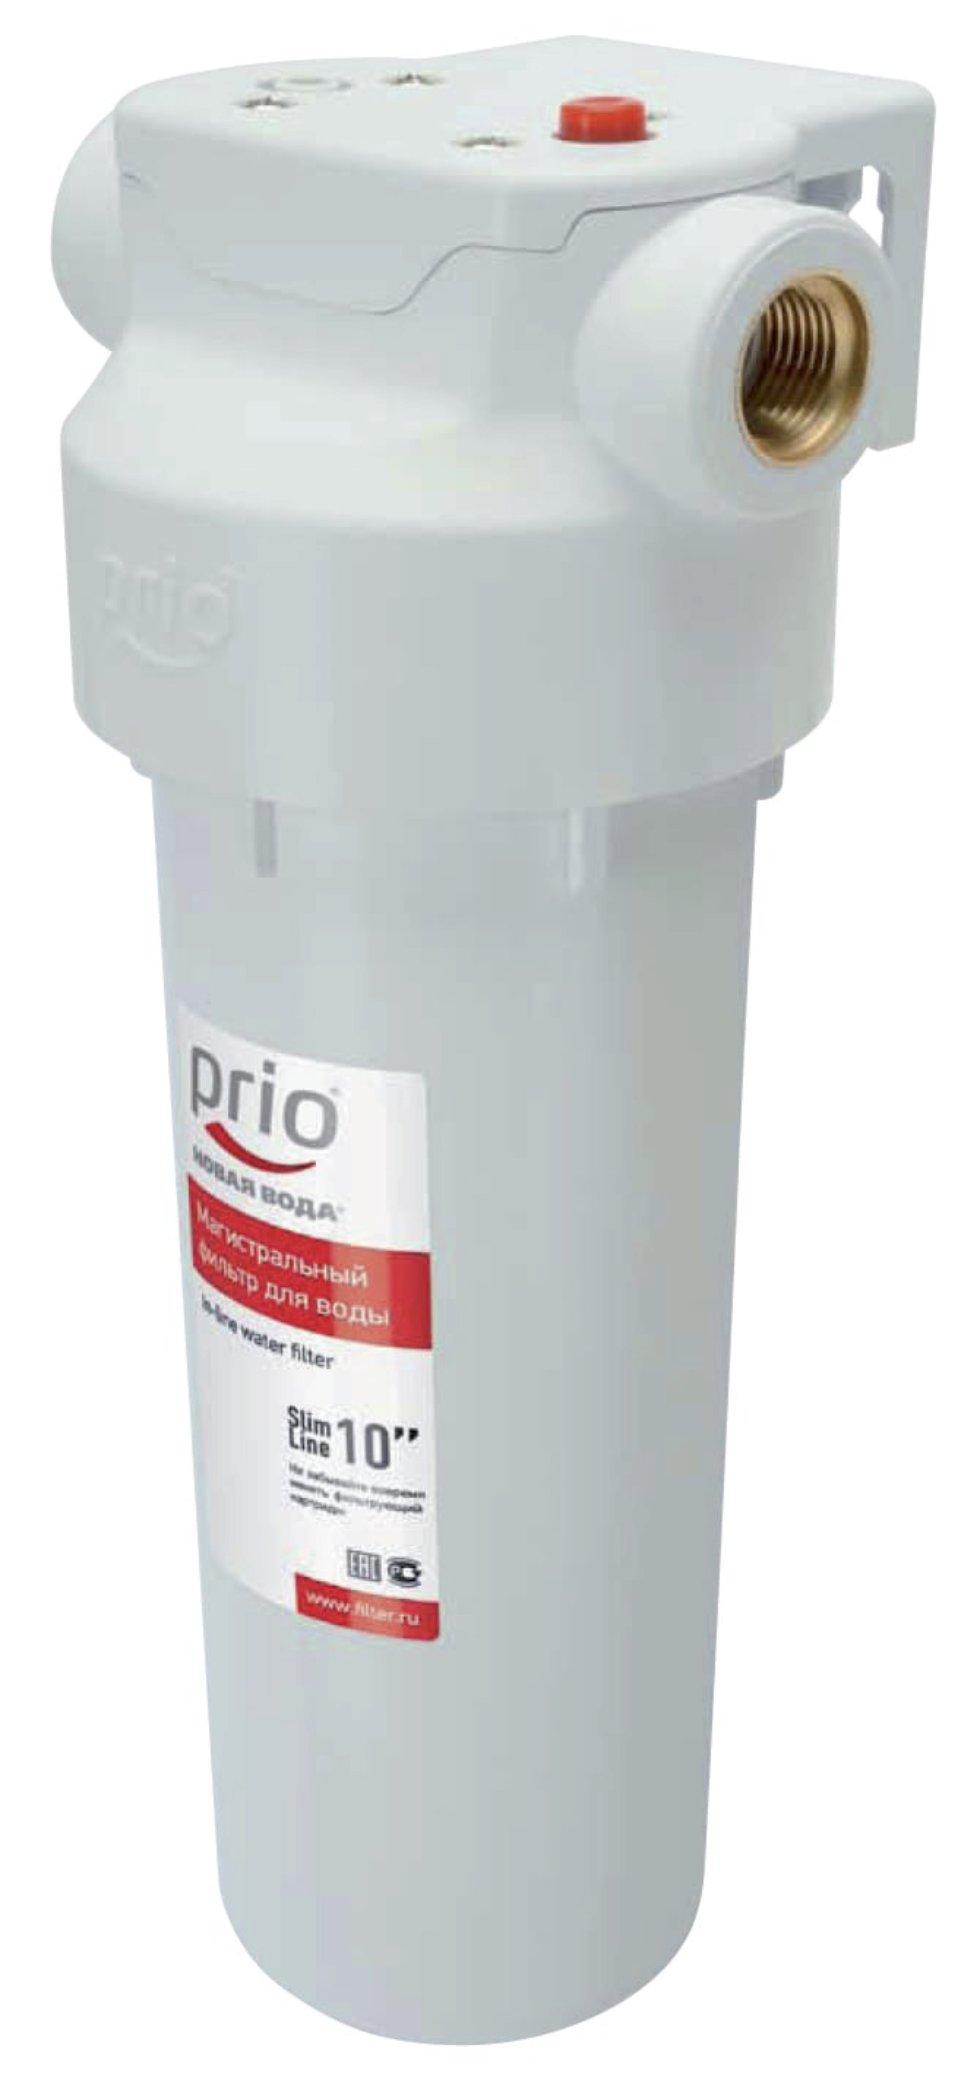 Корпус для холодной воды Новая Вода SL10 AU012 Prio, цвет непрозрачный